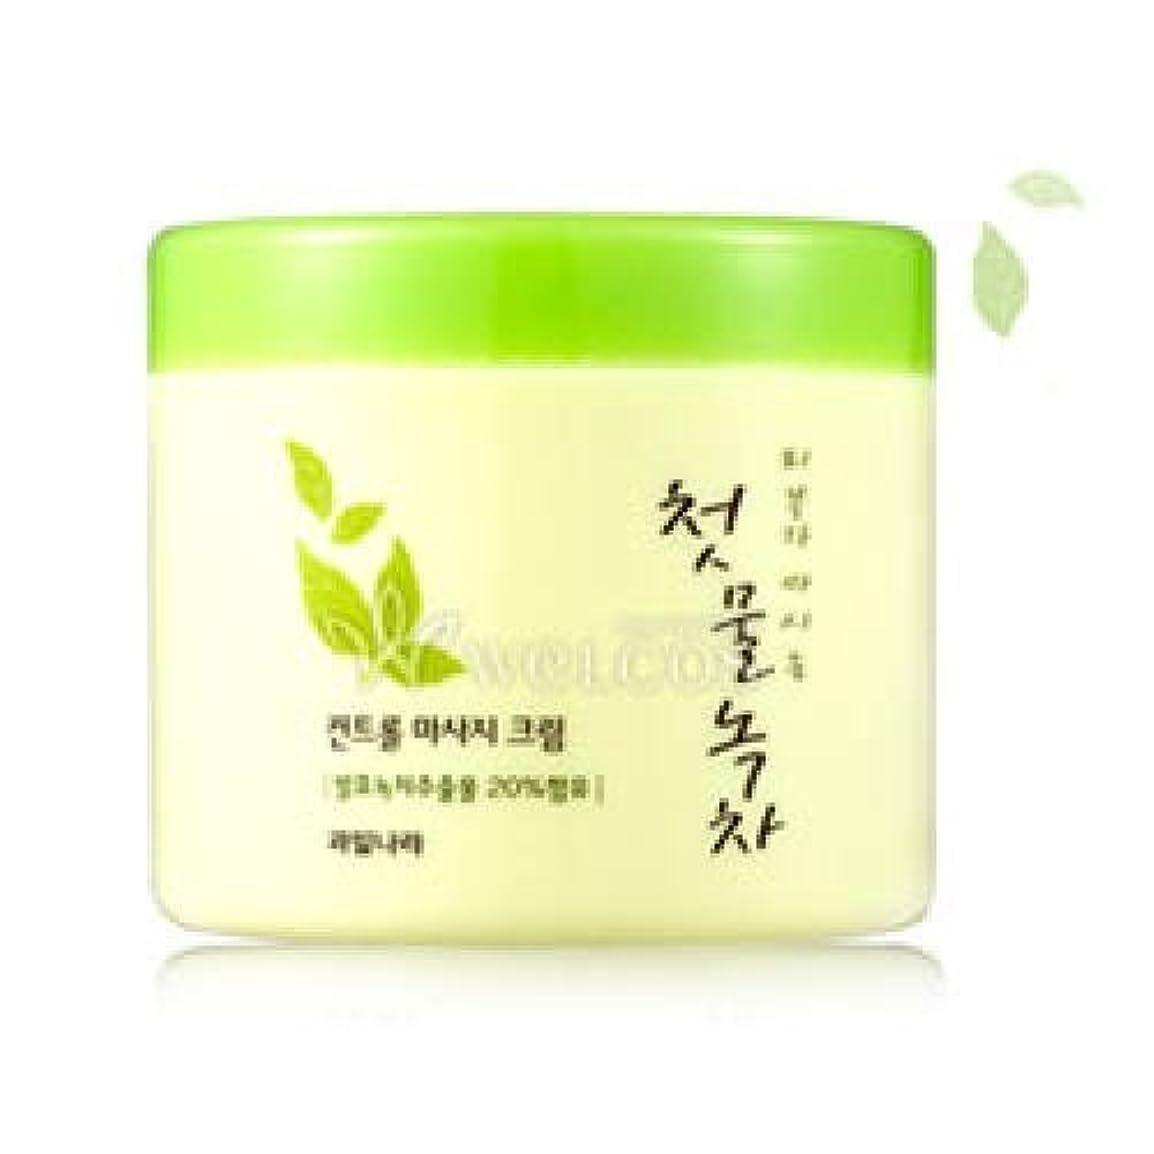 判定アクセント癌Kwailnara Spring Leaves Of Green Tea Control Massage Cream [Korean Import]